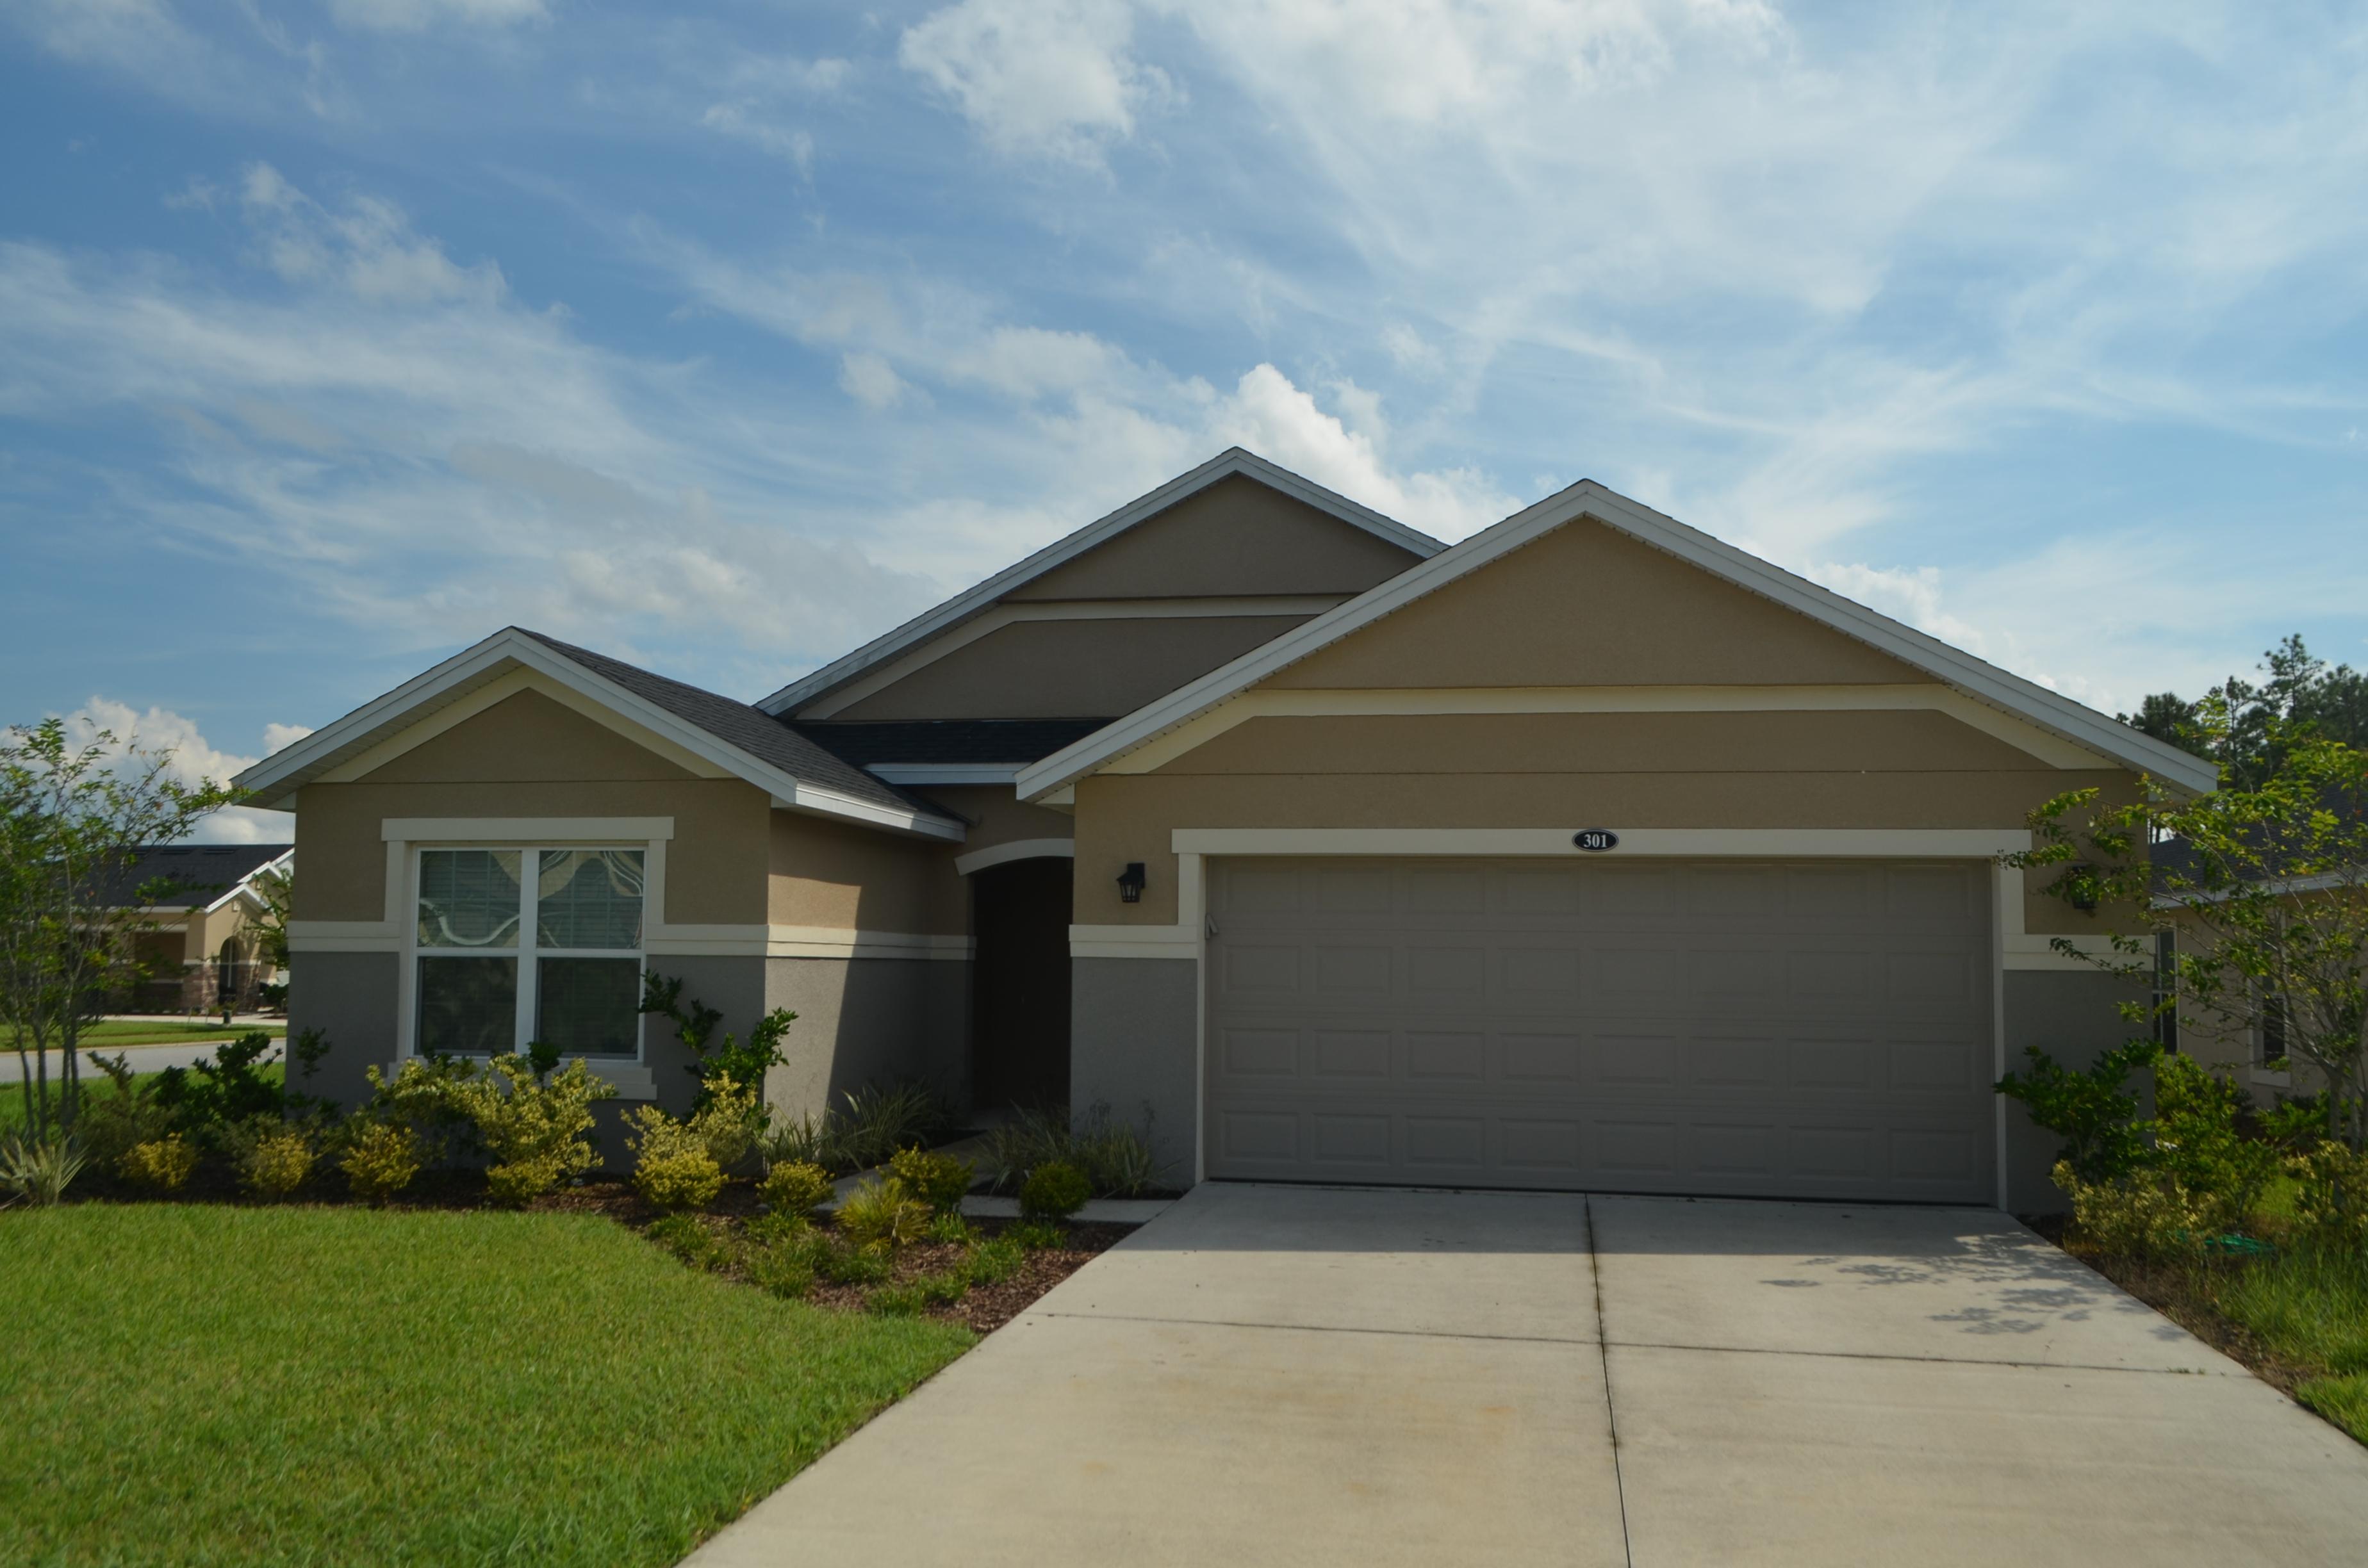 2 Bedroom Houses For Rent In Daytona Beach Fl 28 Images Daytona Beach Houses For Rent In